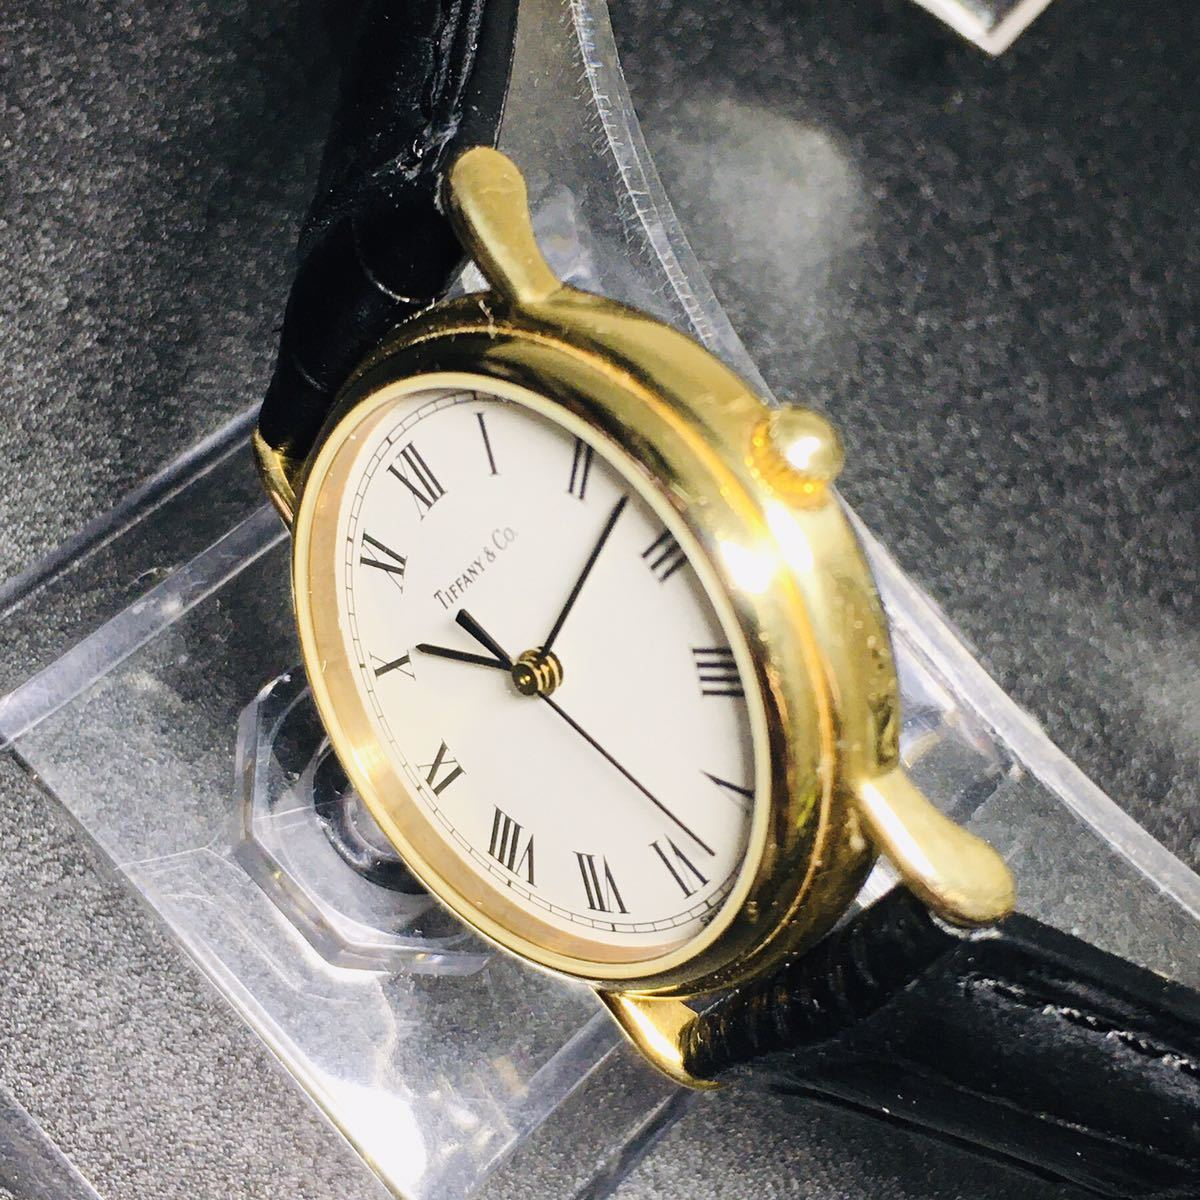 【美品 正規品】ティファニー 腕時計 ローマンインデックス ゴールド クラシック ラウンド レディース 【2005Ti36】_画像6